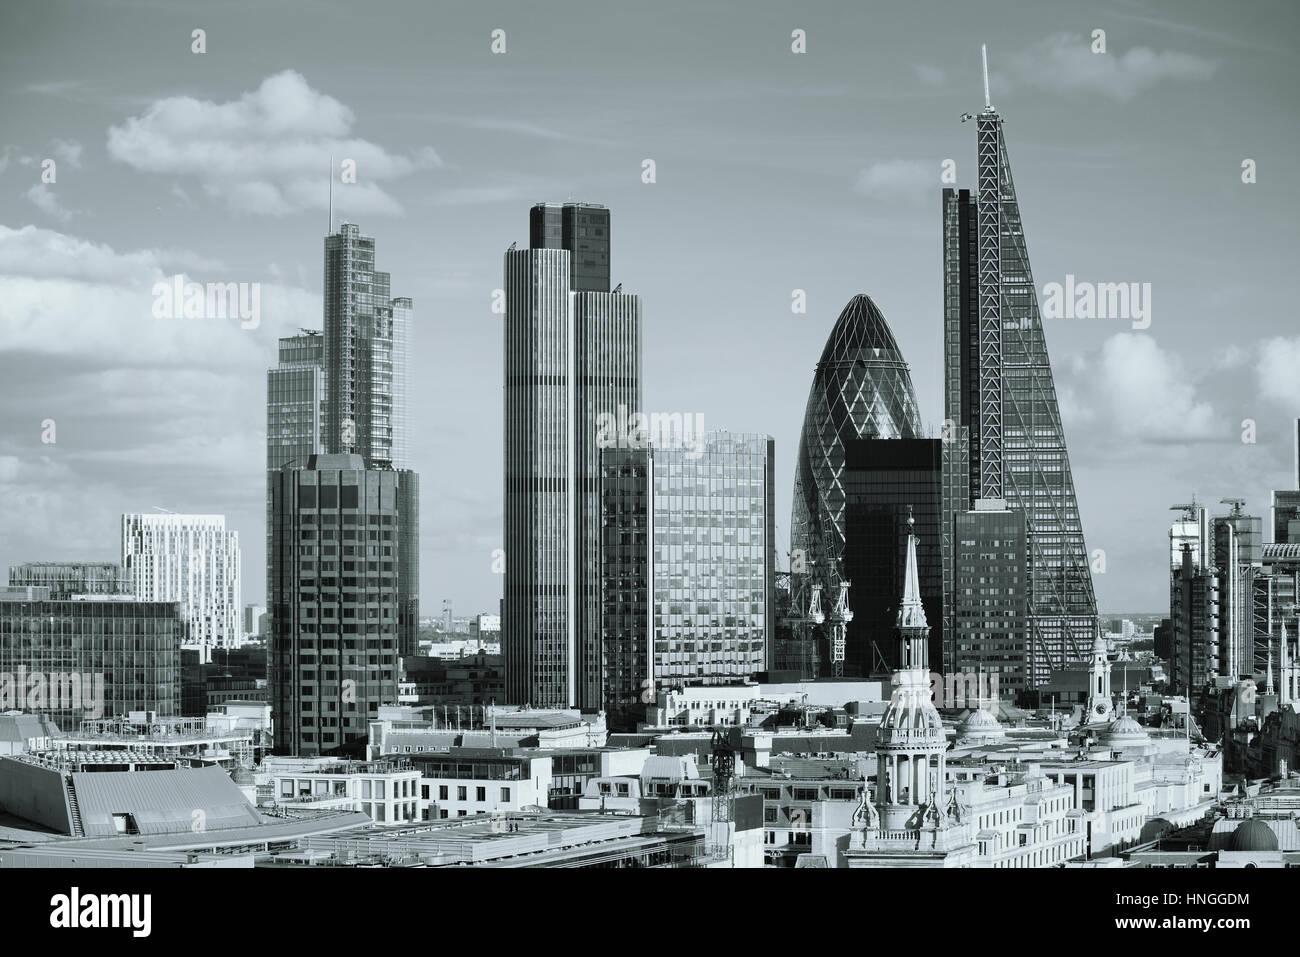 Vista de la azotea de la ciudad de Londres con arquitecturas urbanas. Imagen De Stock